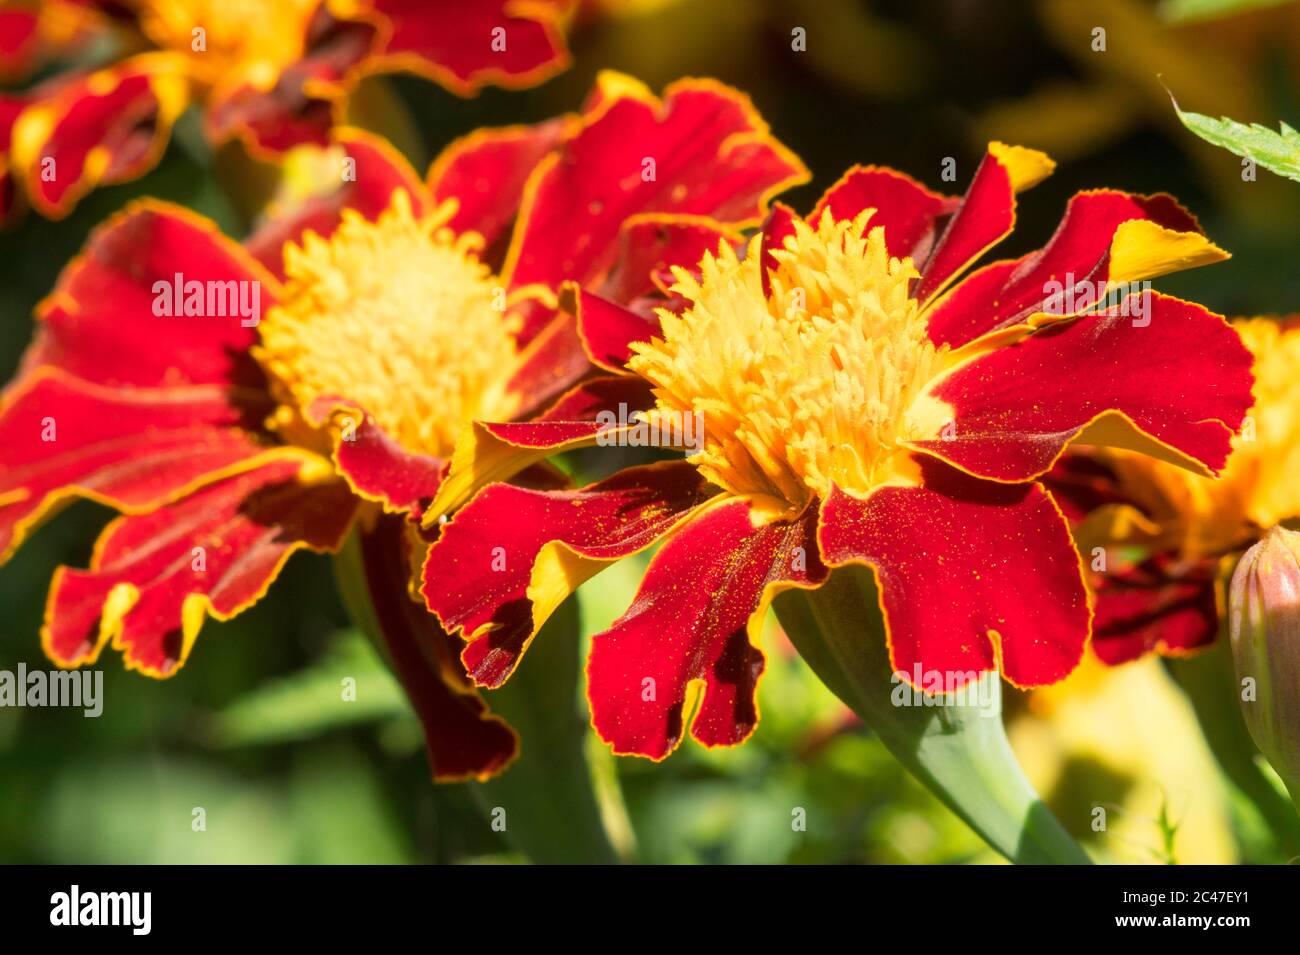 Close up of French Marigold (Tagetes patula) flowers, England, UK Stock Photo